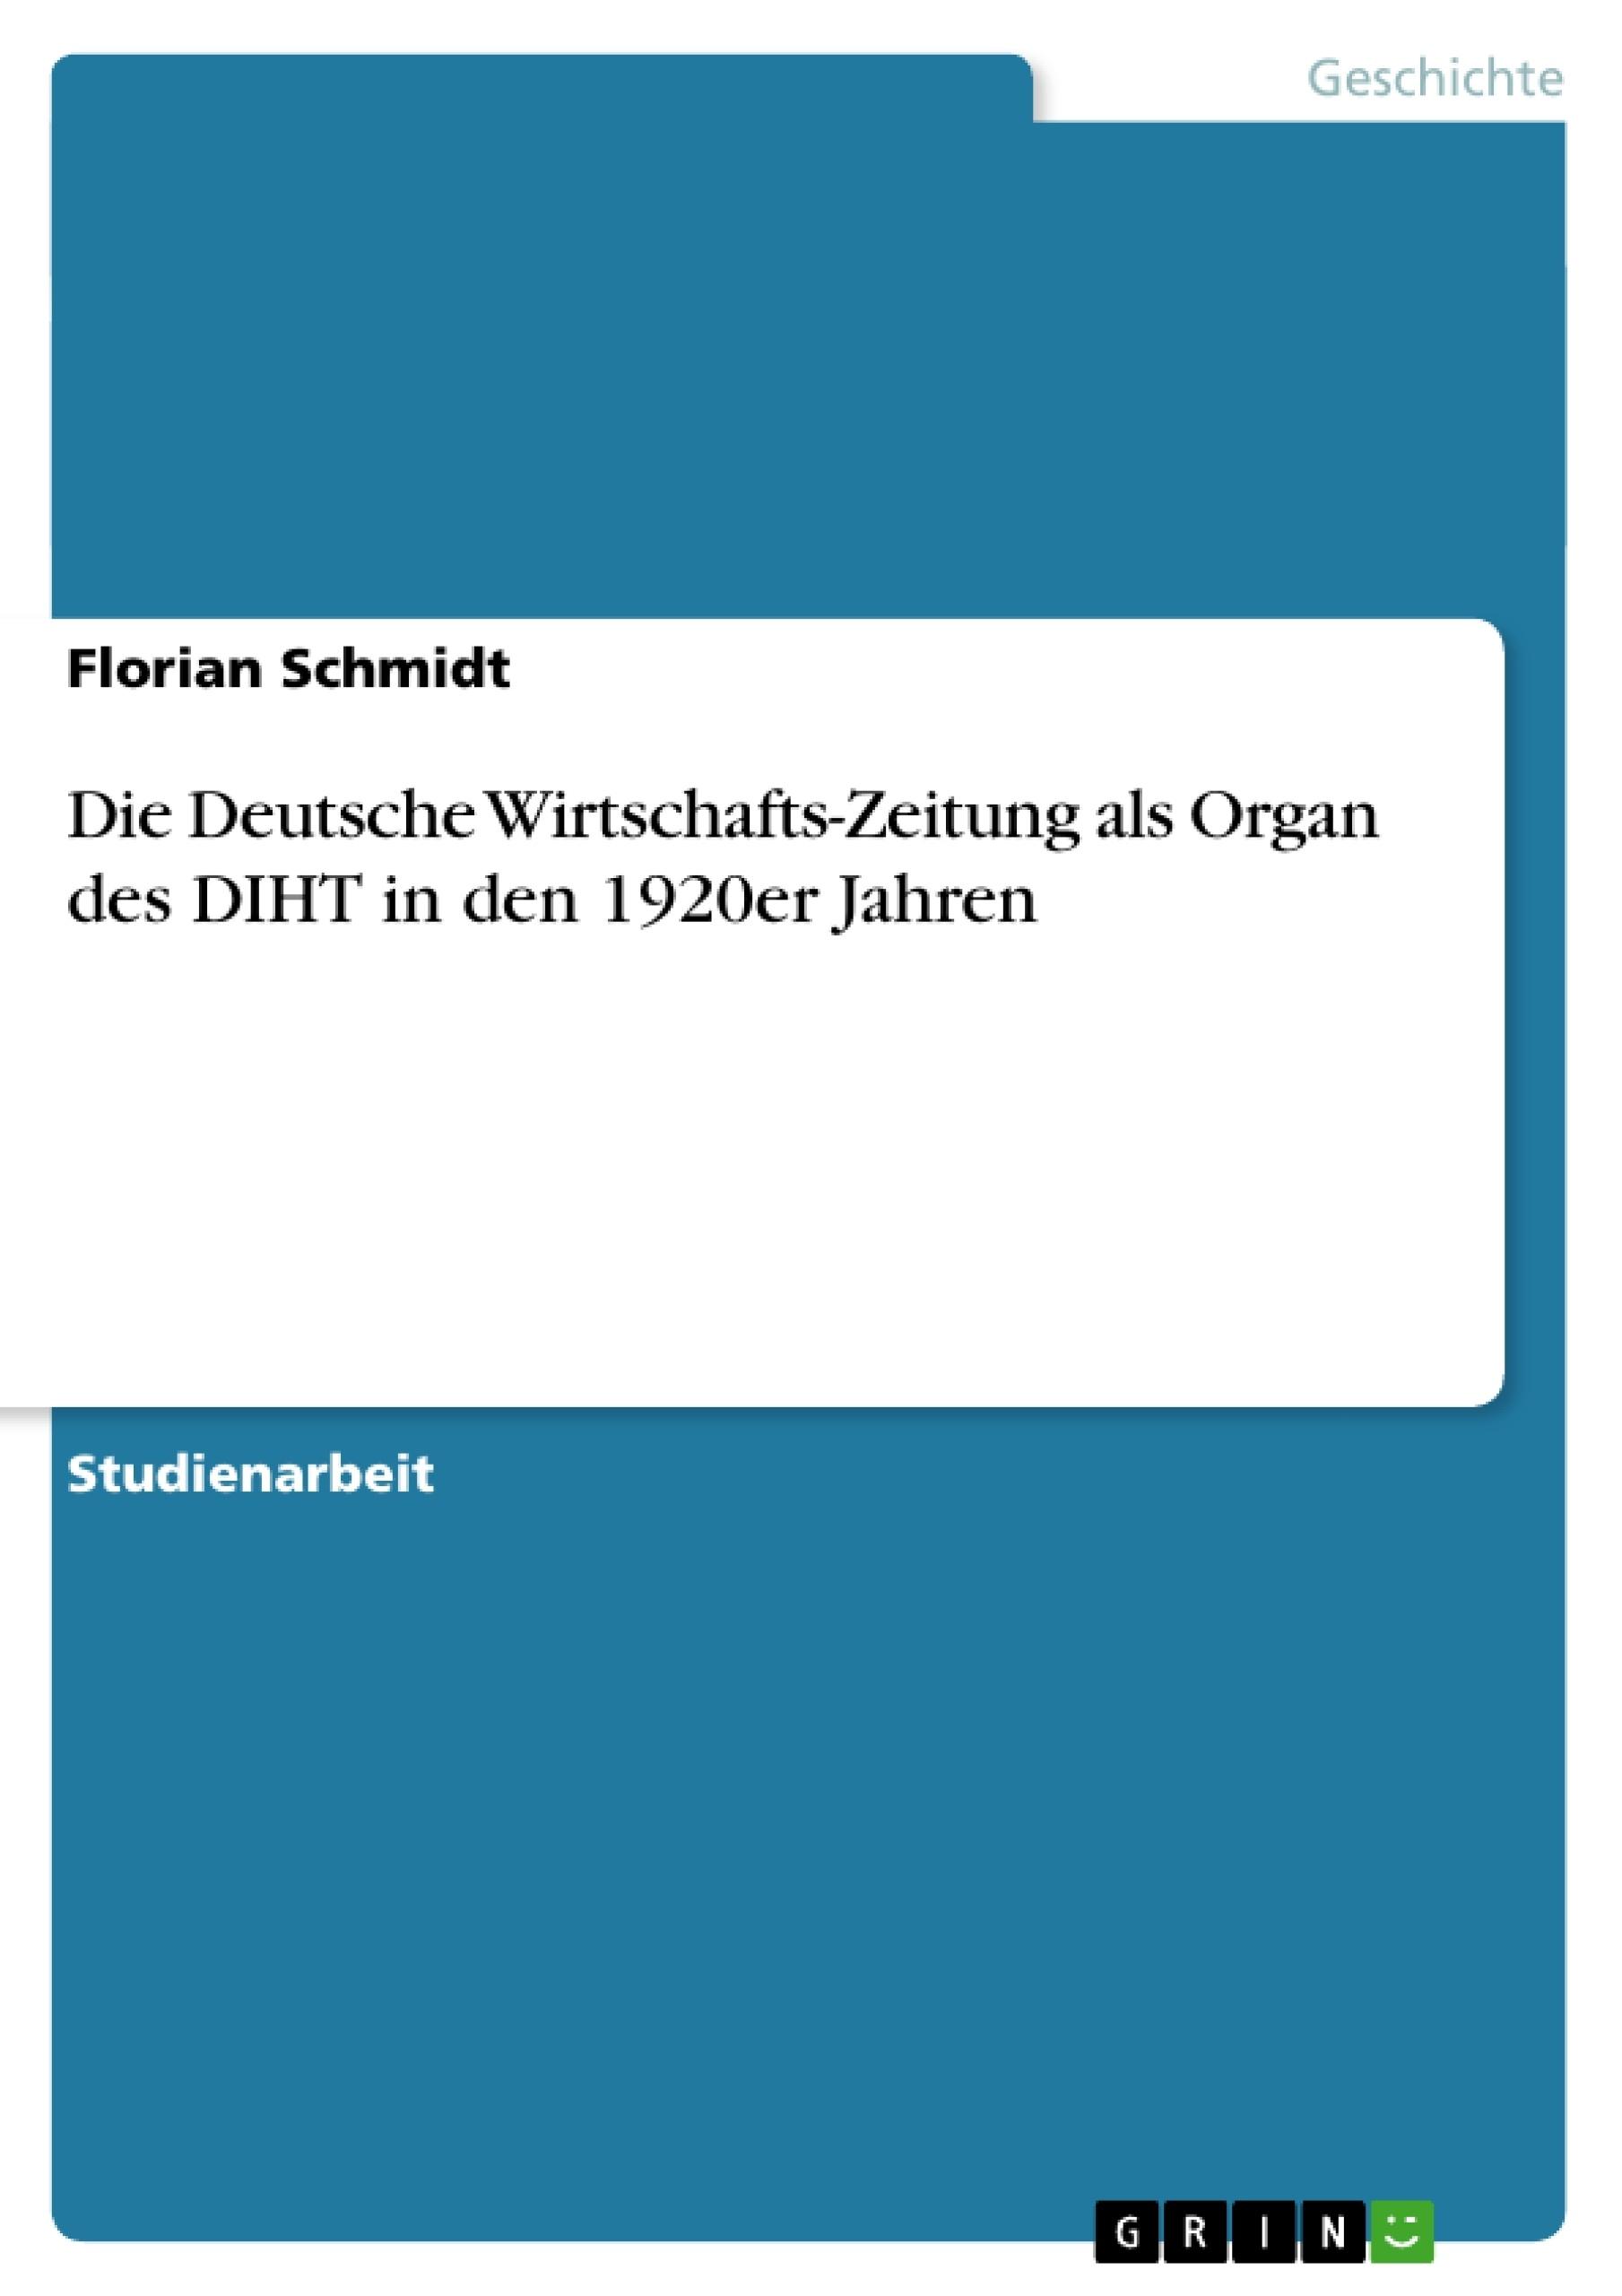 Titel: Die Deutsche Wirtschafts-Zeitung als Organ des DIHT in den 1920er Jahren